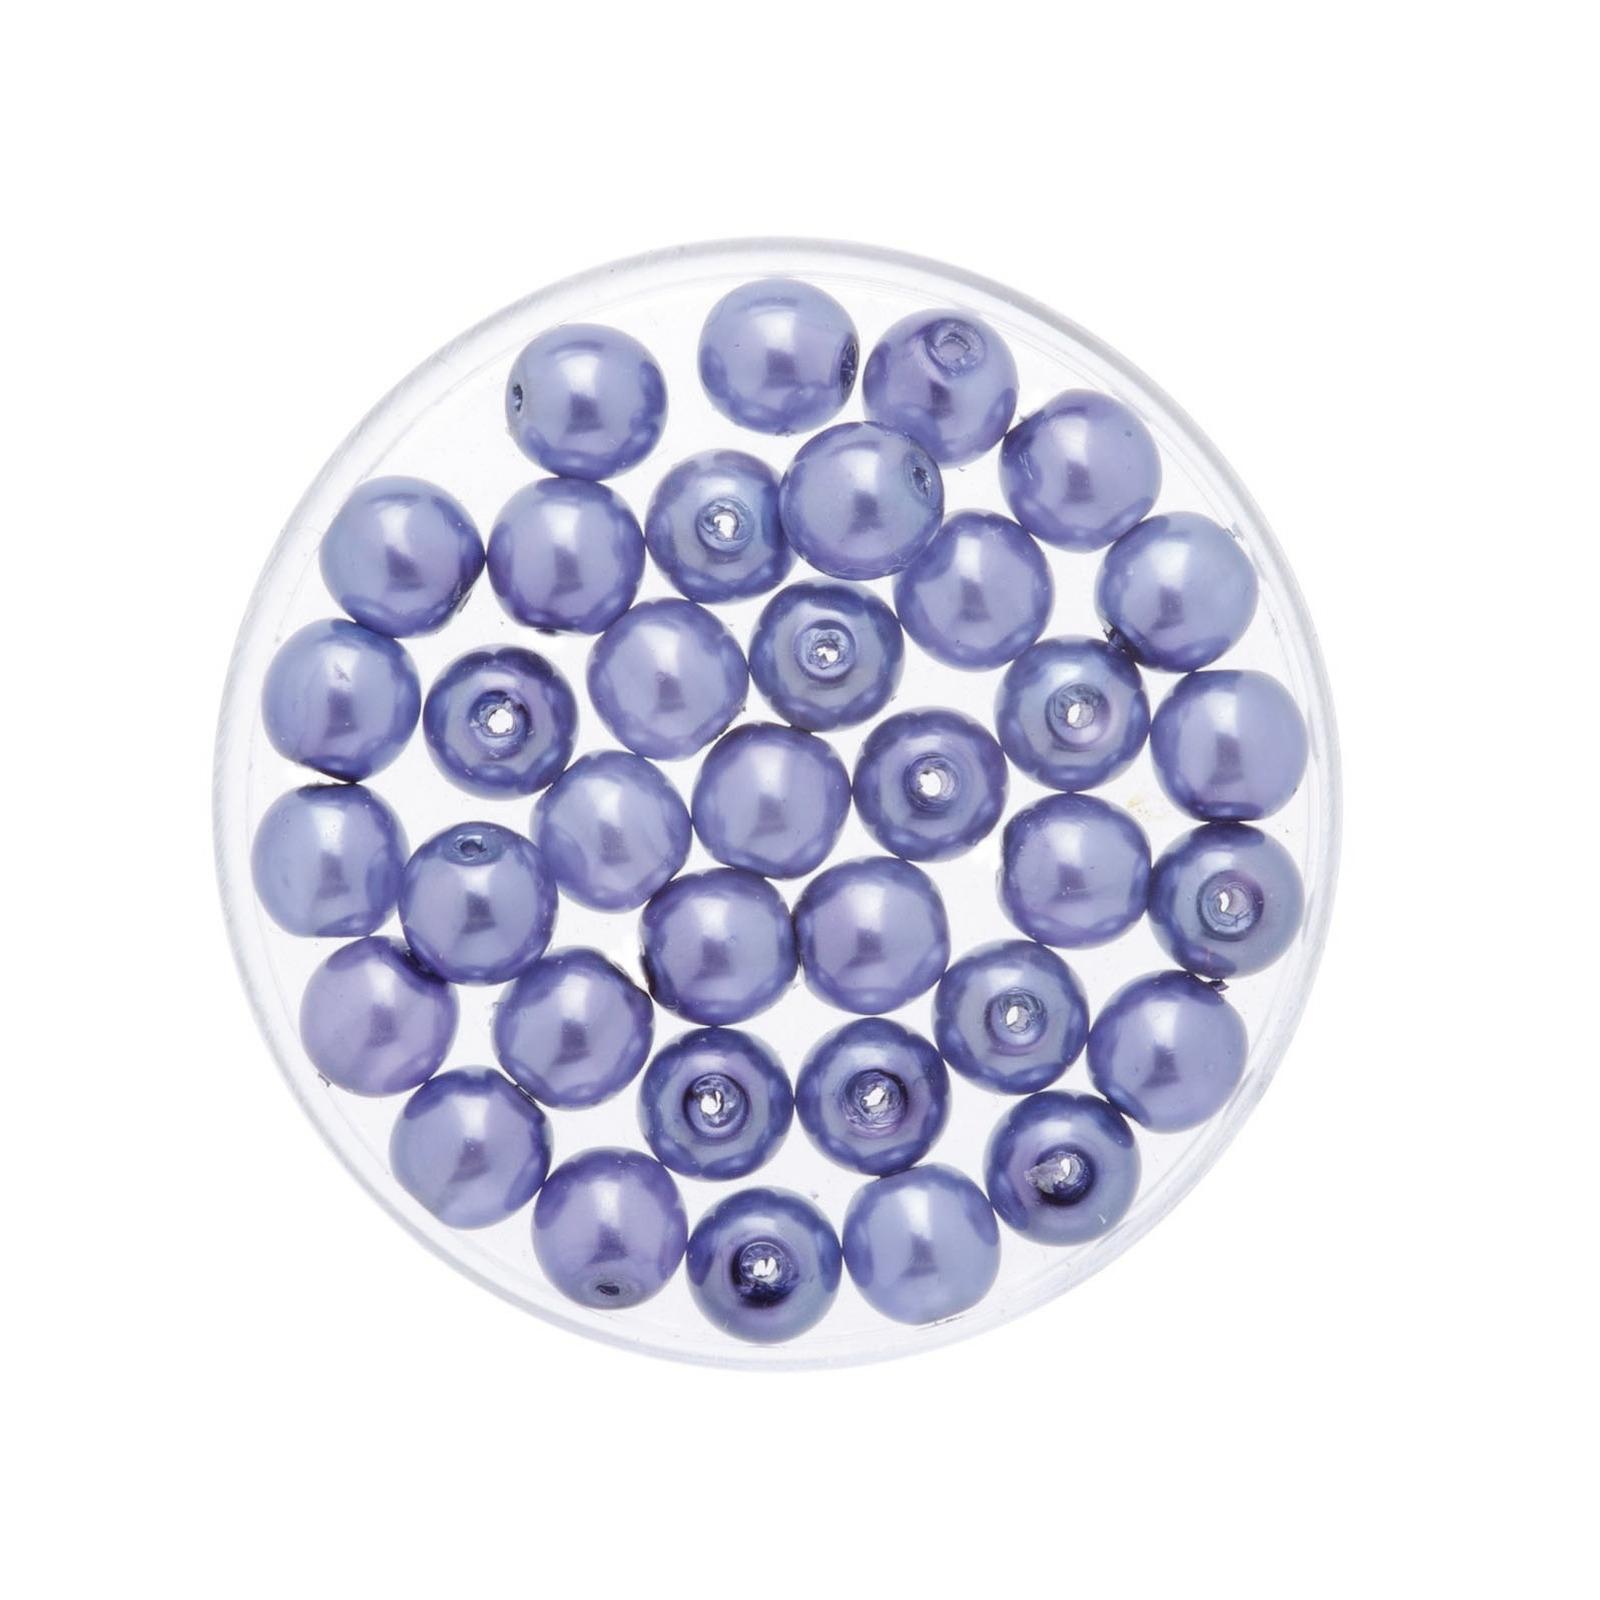 50x stuks sieraden maken Boheemse glaskralen in het transparant lila paars van 6 mm